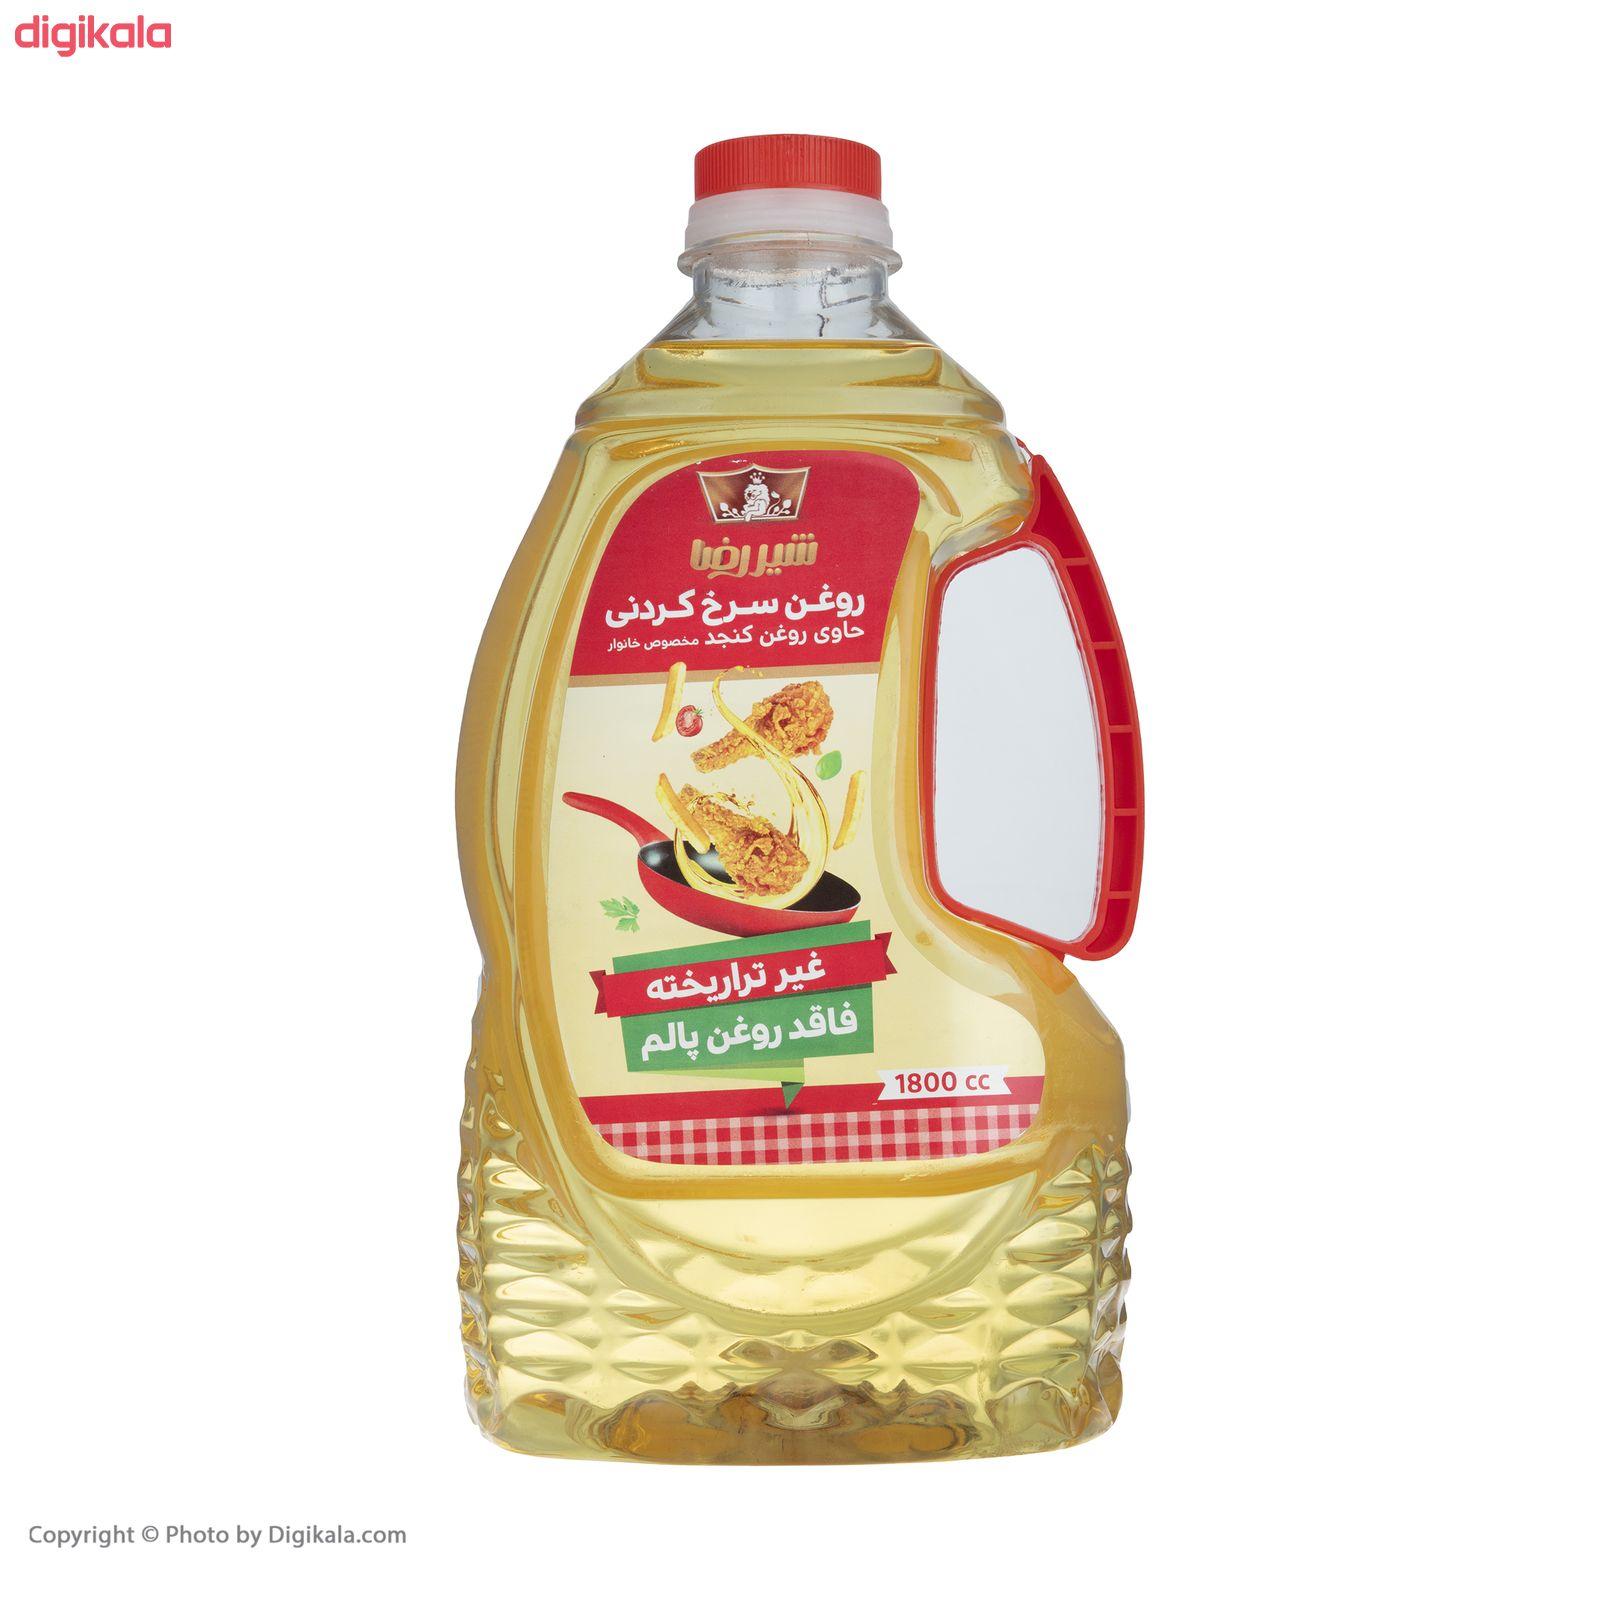 روغن سرخ کردنی شیررضا - 1.8لیتر main 1 1